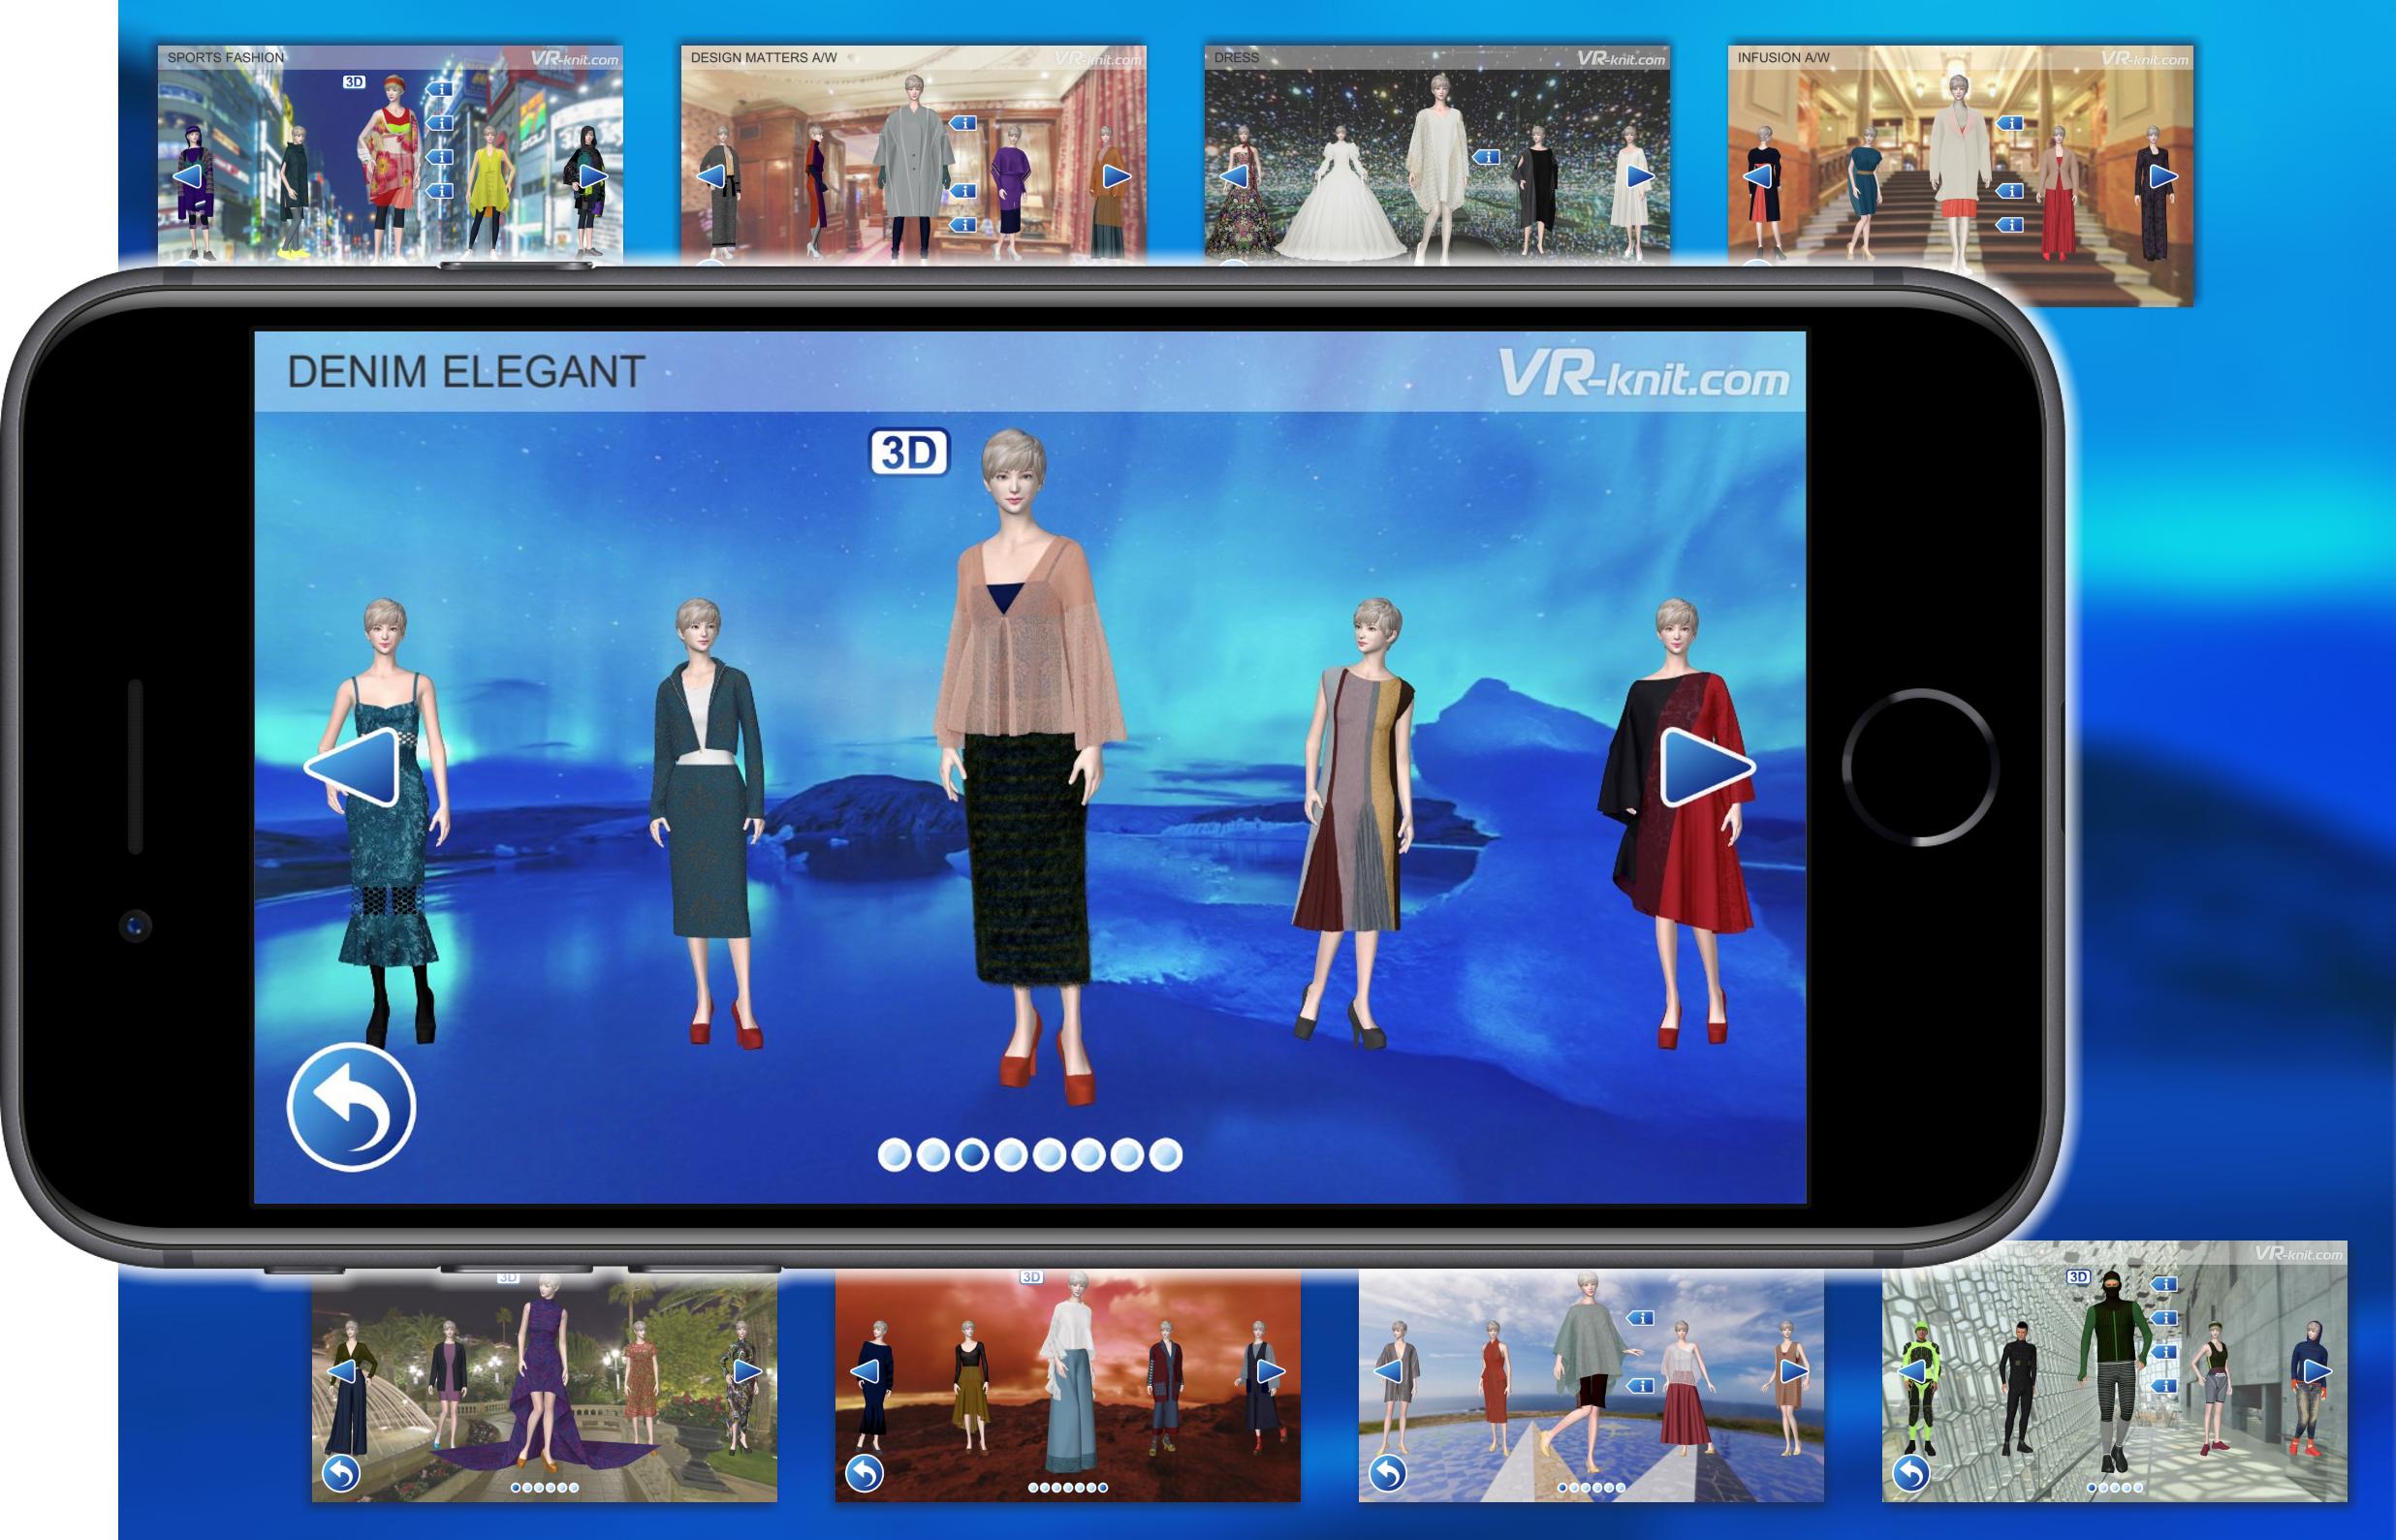 VR-Knit.com. (c) Copyright Shima Seiki.